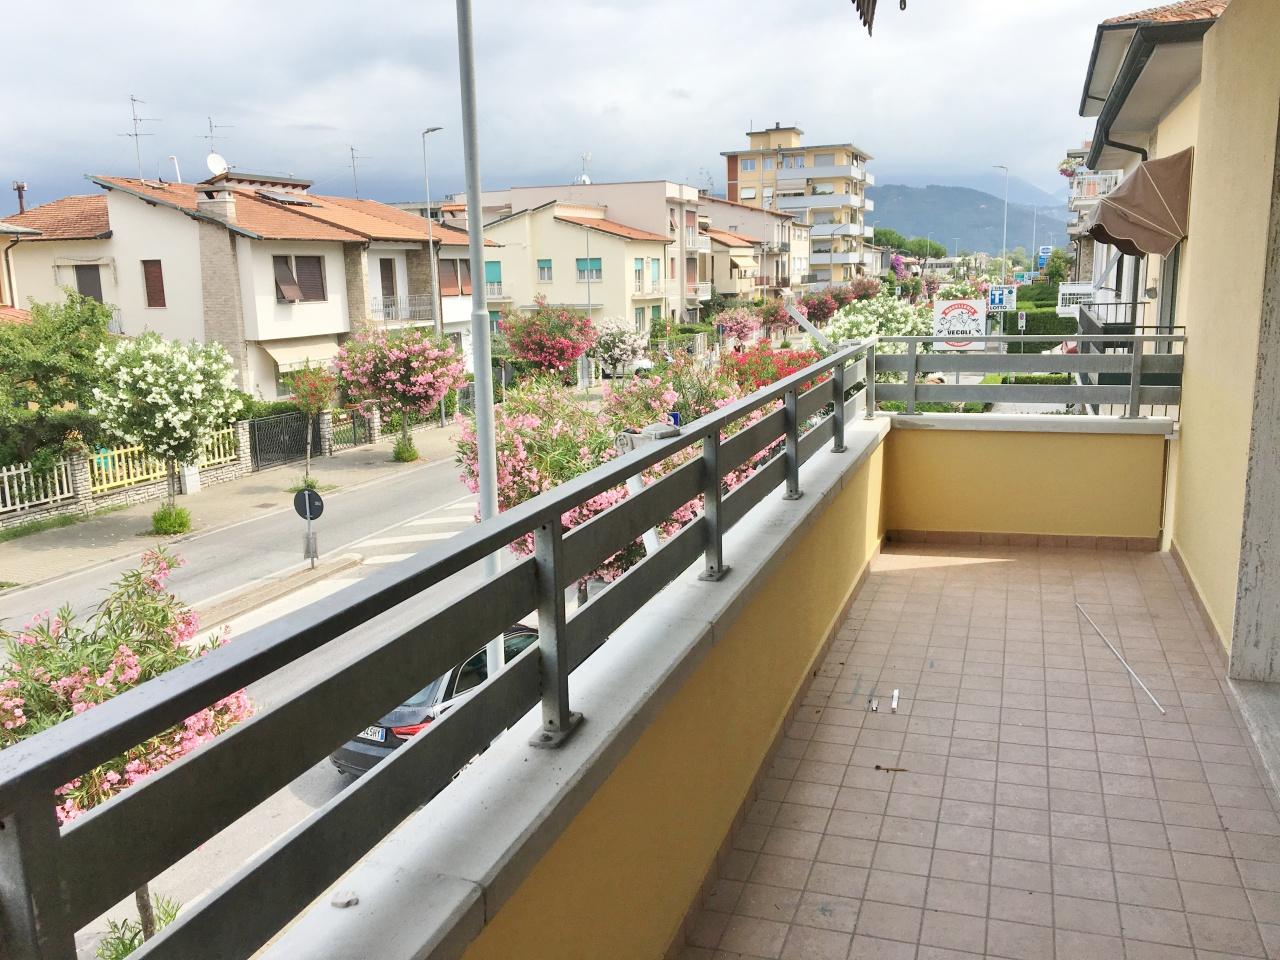 appartamento in affitto a viareggio marco polo rif:af-r105